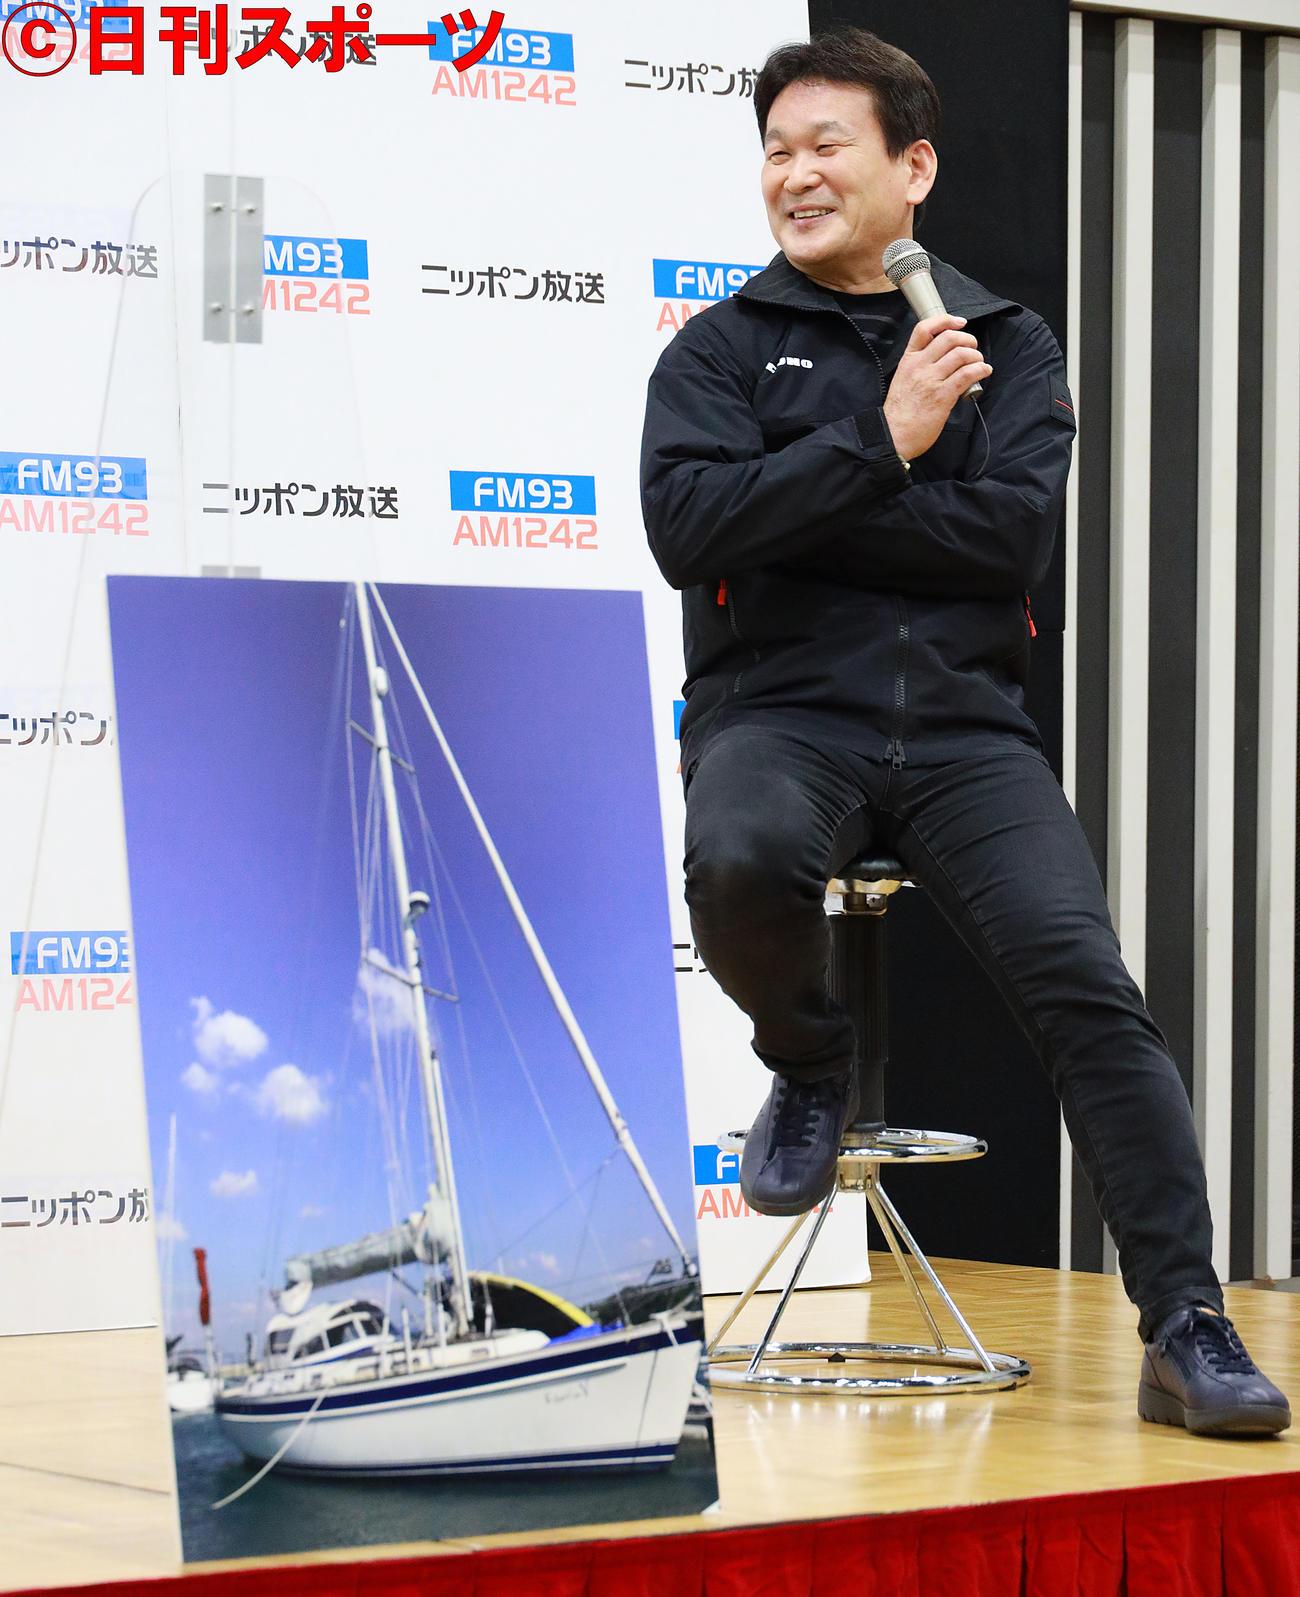 愛用のヨットの写真を置き太平洋横断再挑戦を発表する辛坊治郎アナウンサー(撮影・中島郁夫)